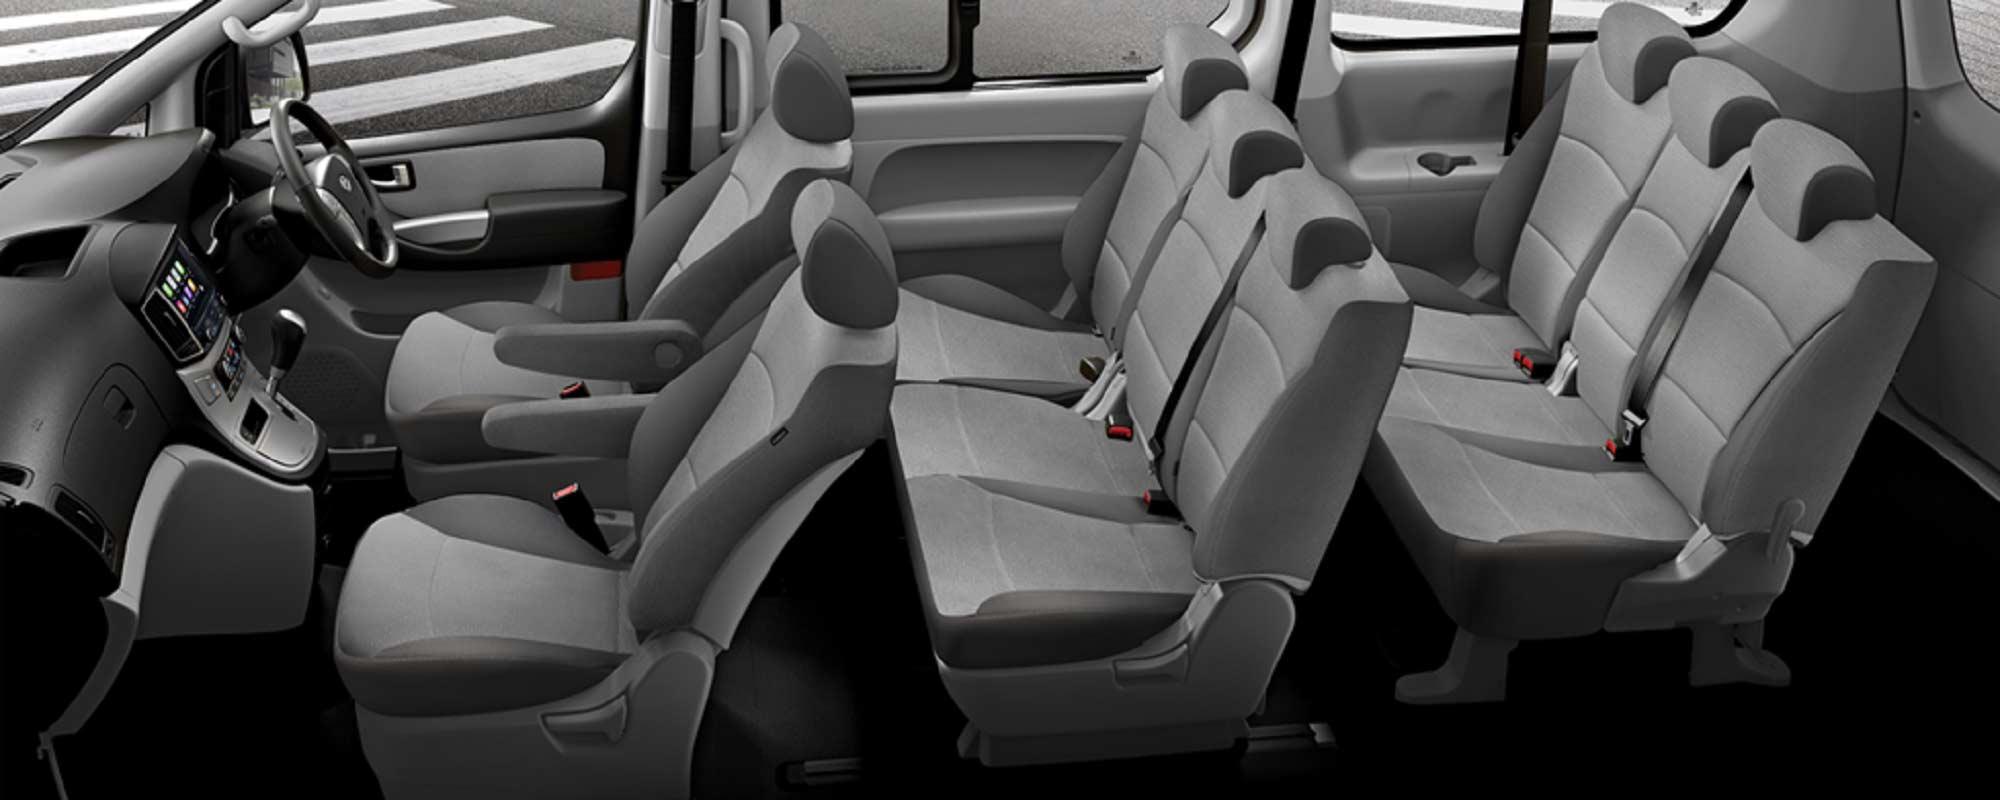 Seat Car Rental Adelaide